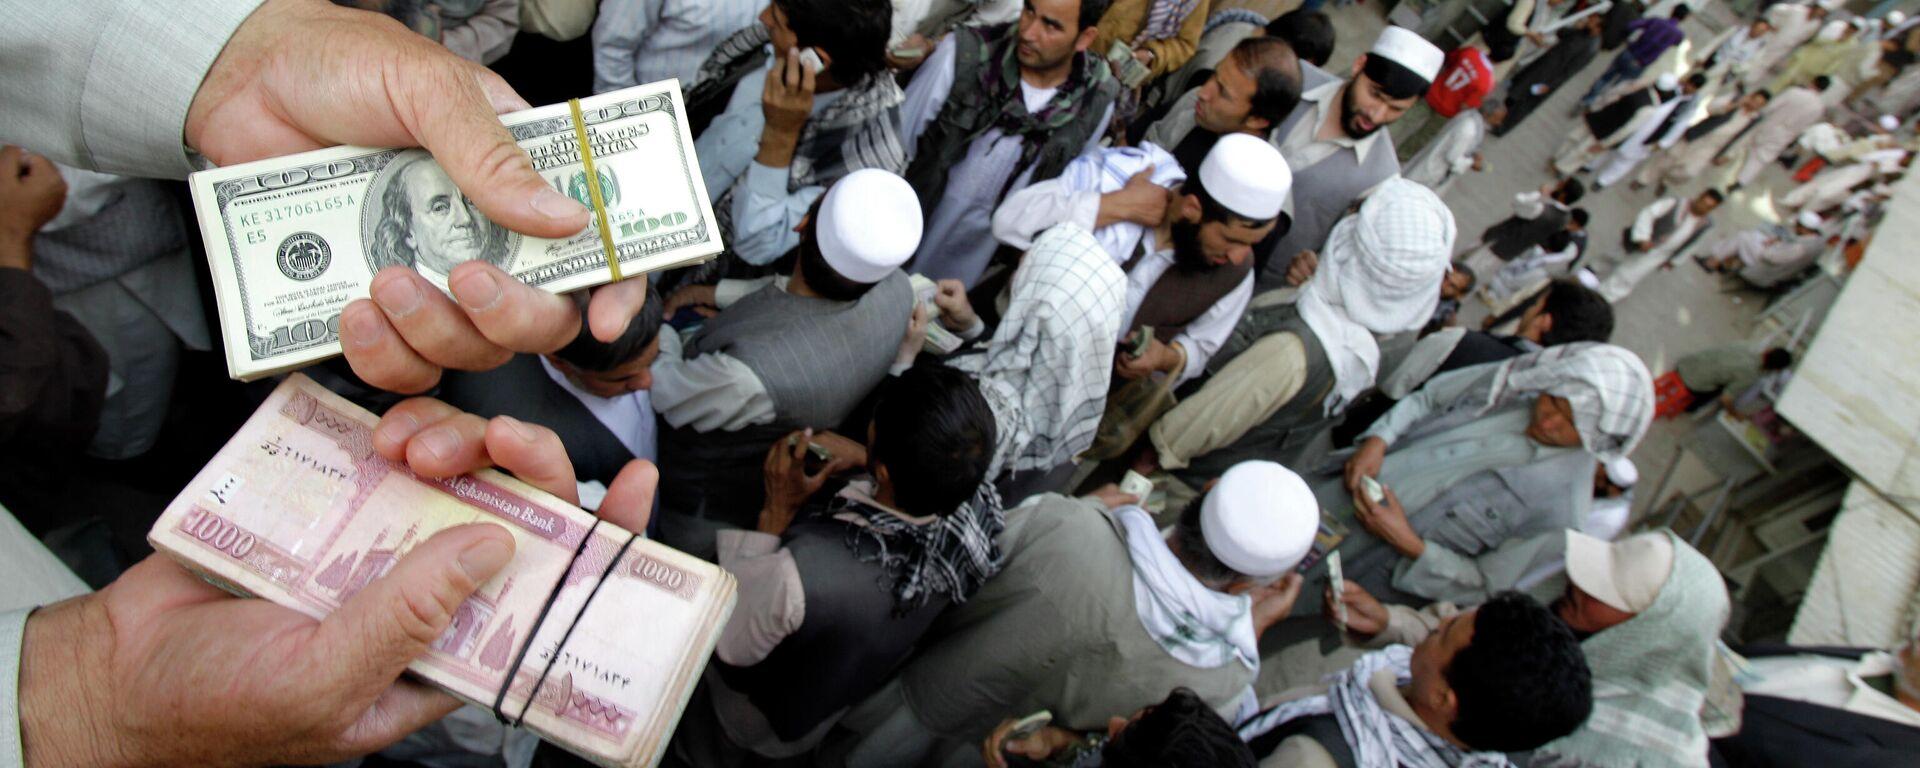 Афганский торговец держит пачки долларов США и афгани на Сарай-Шахзаде - Sputnik Таджикистан, 1920, 08.09.2021